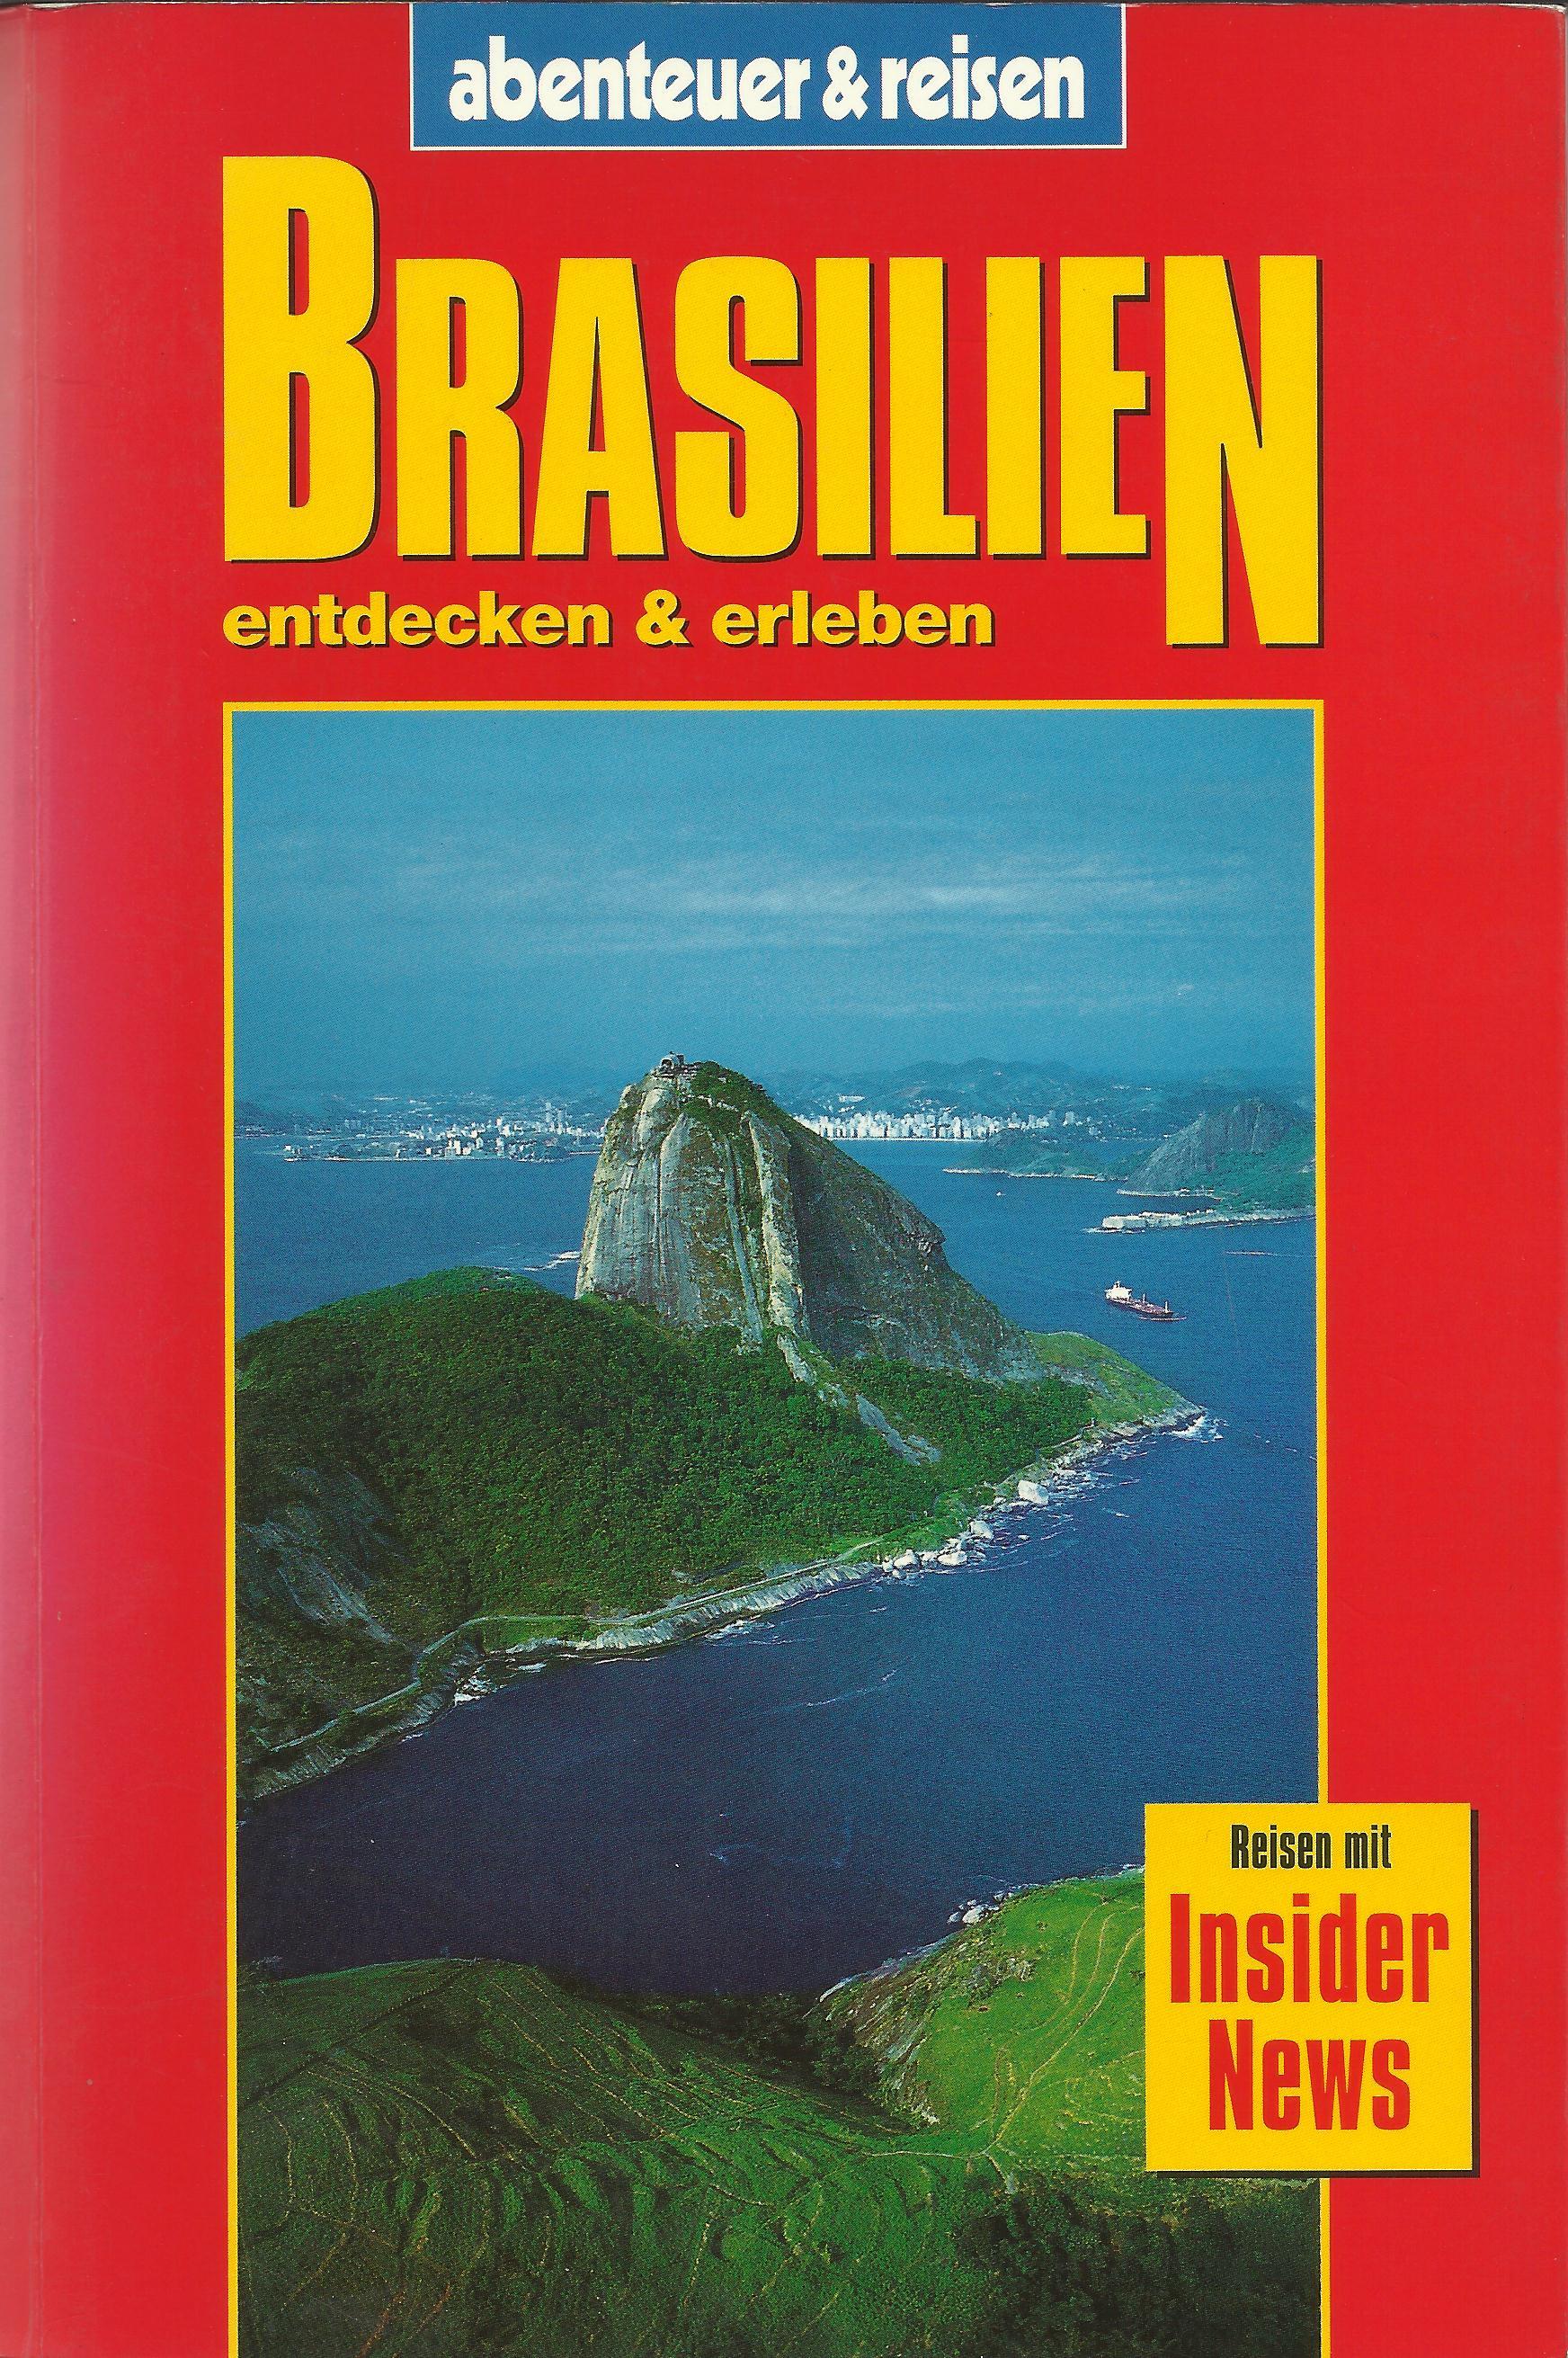 """""""Abenteuer & reisen"""" front page"""